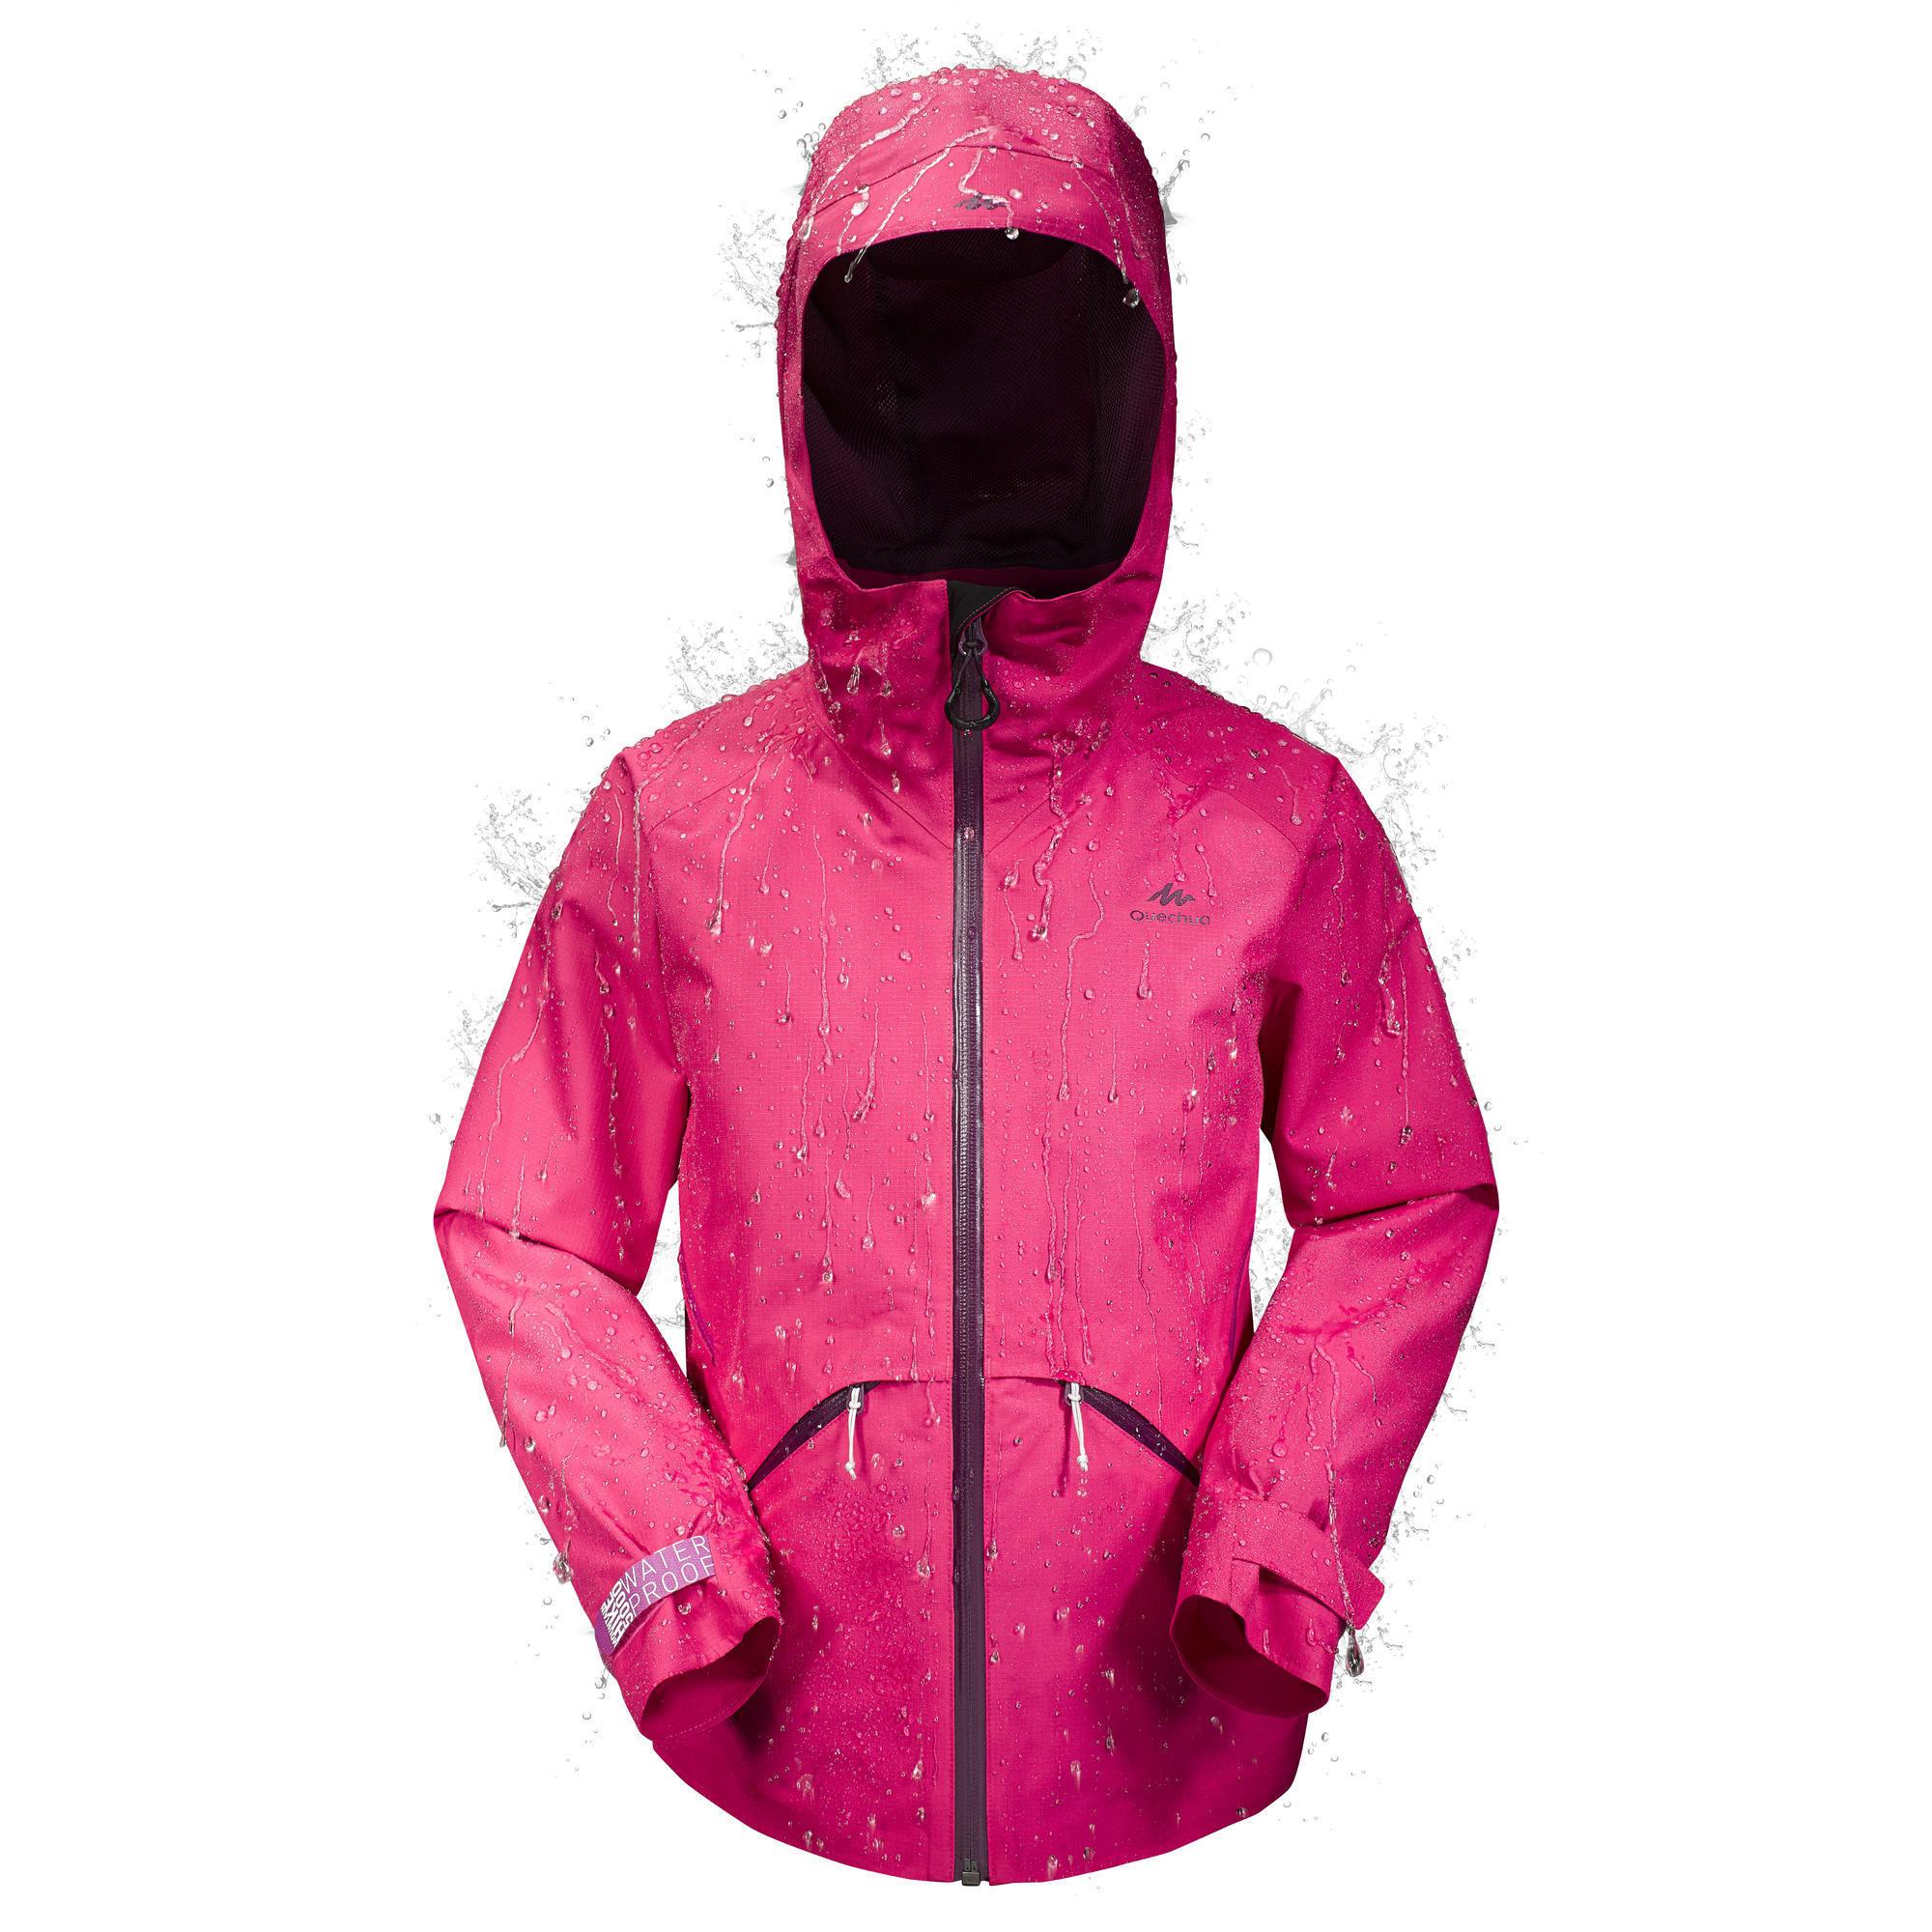 Jungen,Kinder Wanderjacke Hike 900 Kinder rosa | 03608439450457